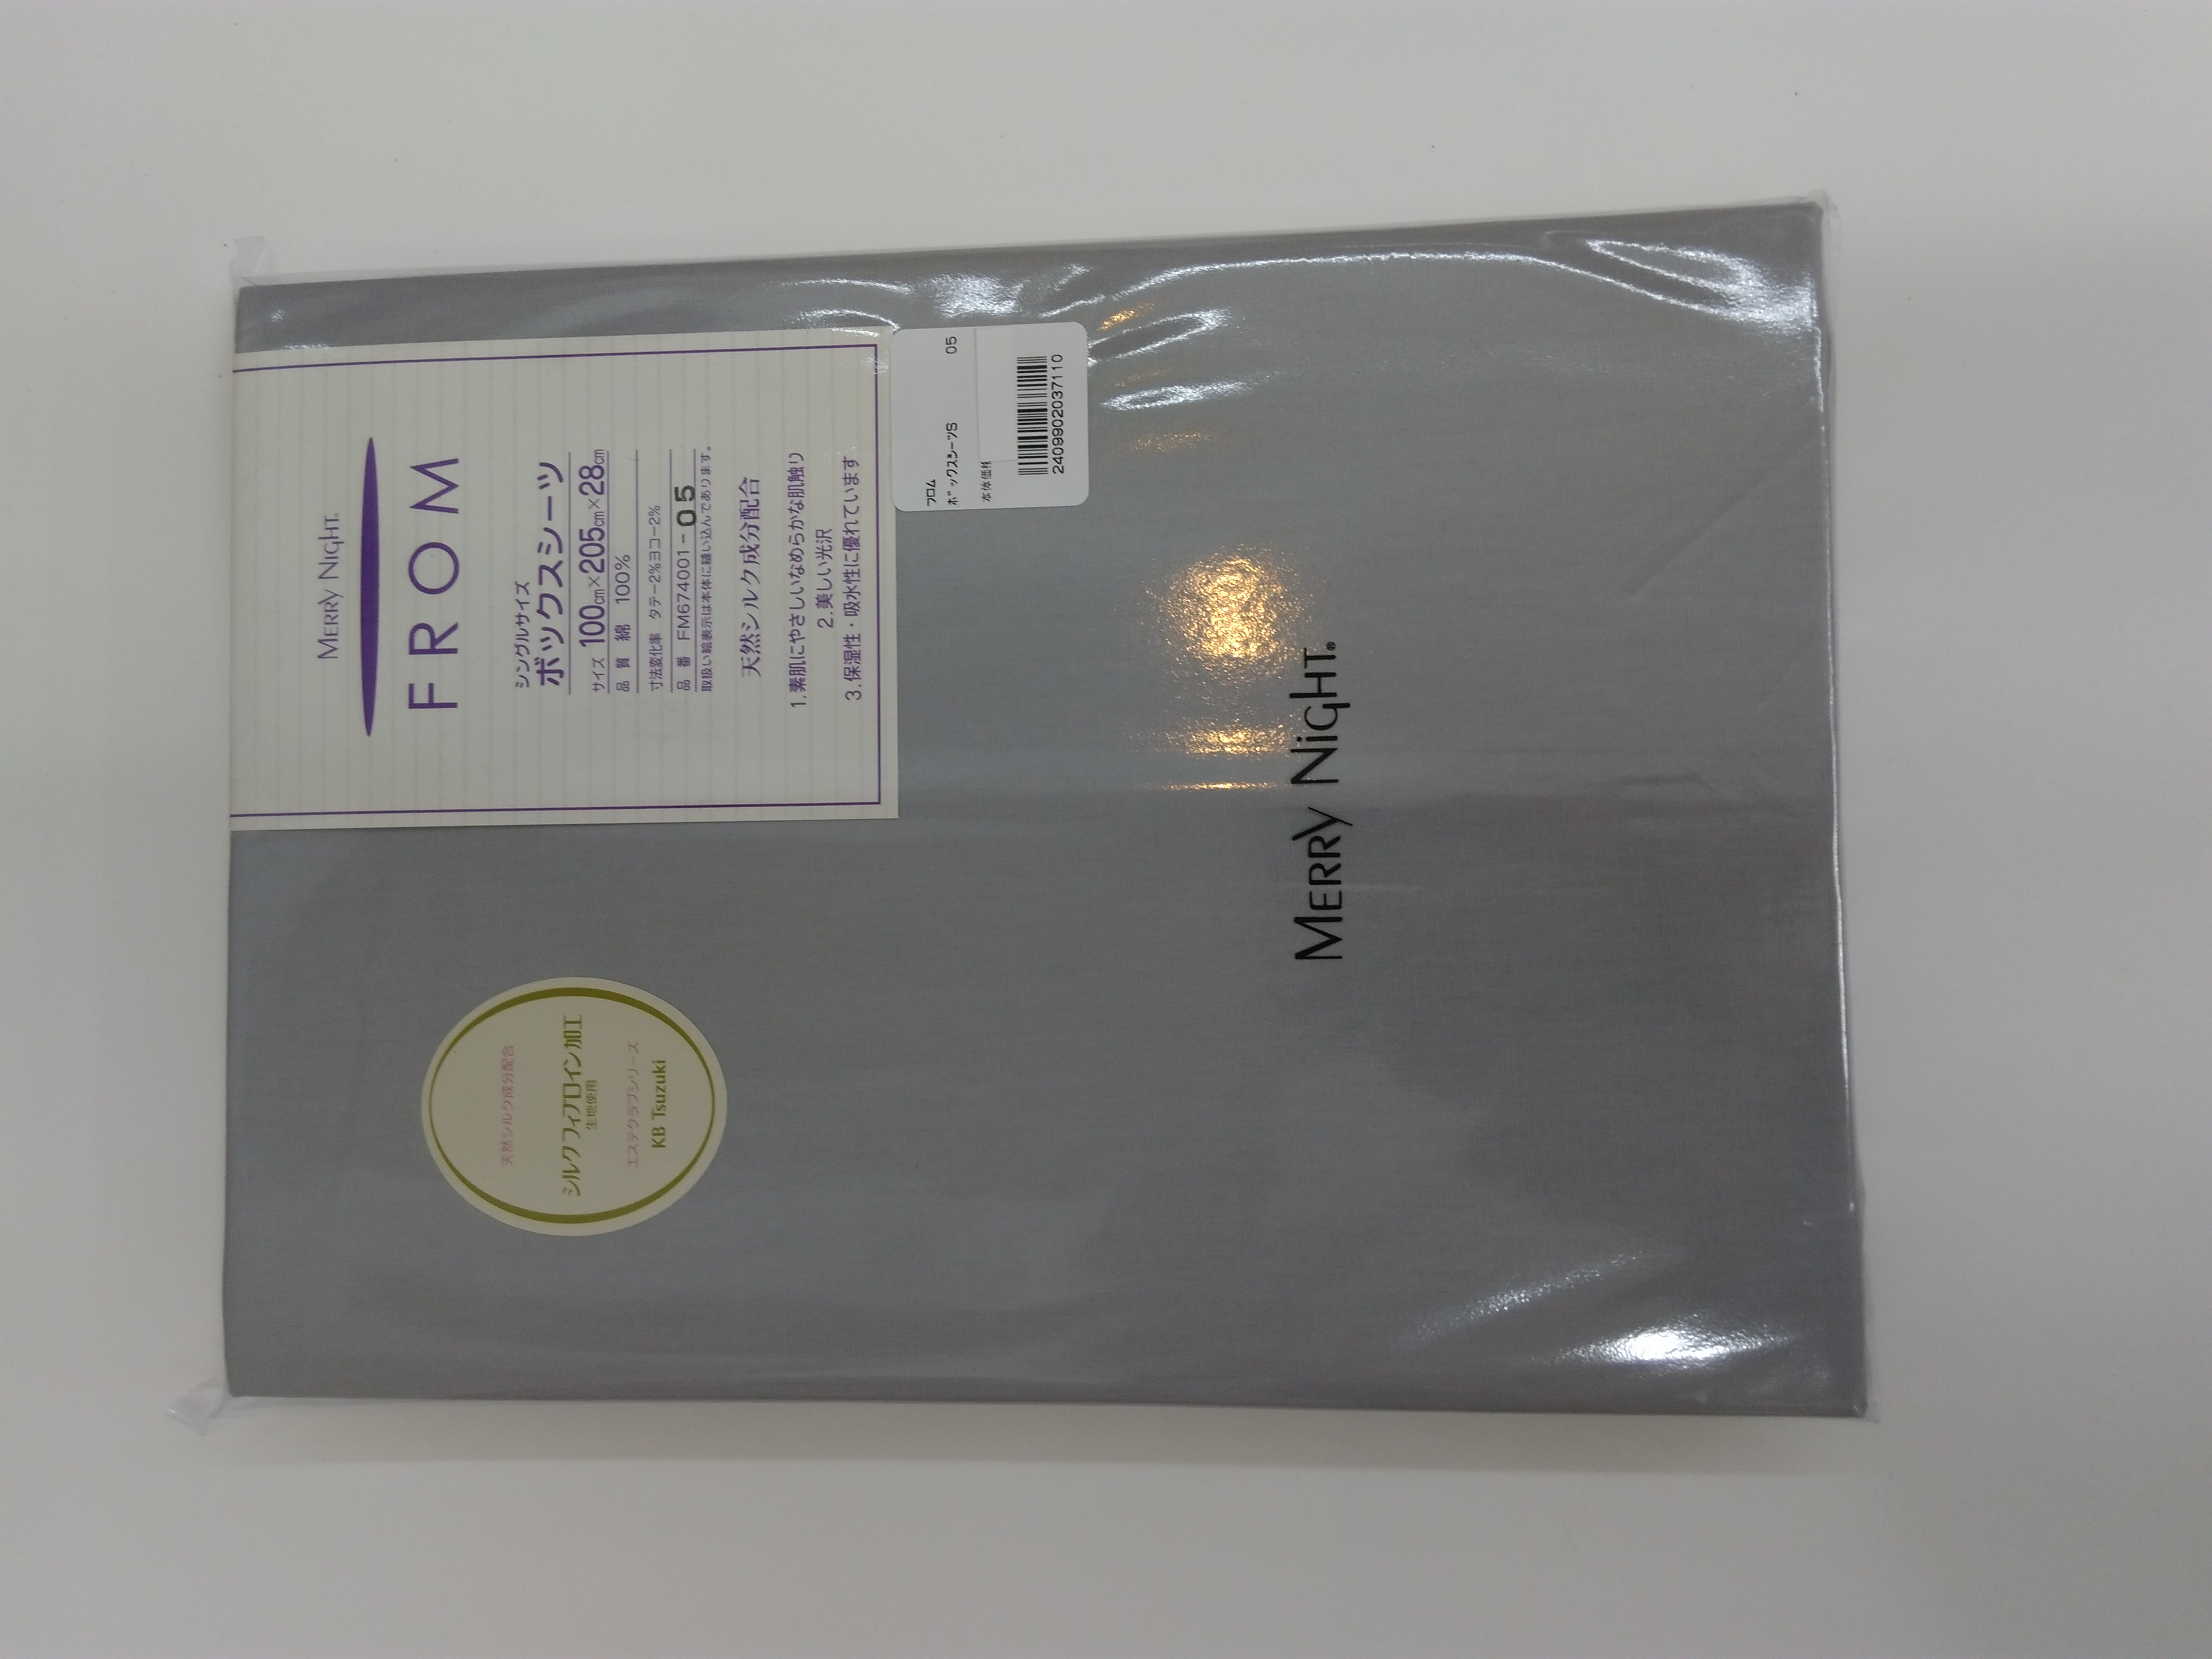 メリーナイト FROM フロムコレクション ボックスシーツ シングルサイズ 100X205X28cm グレイ